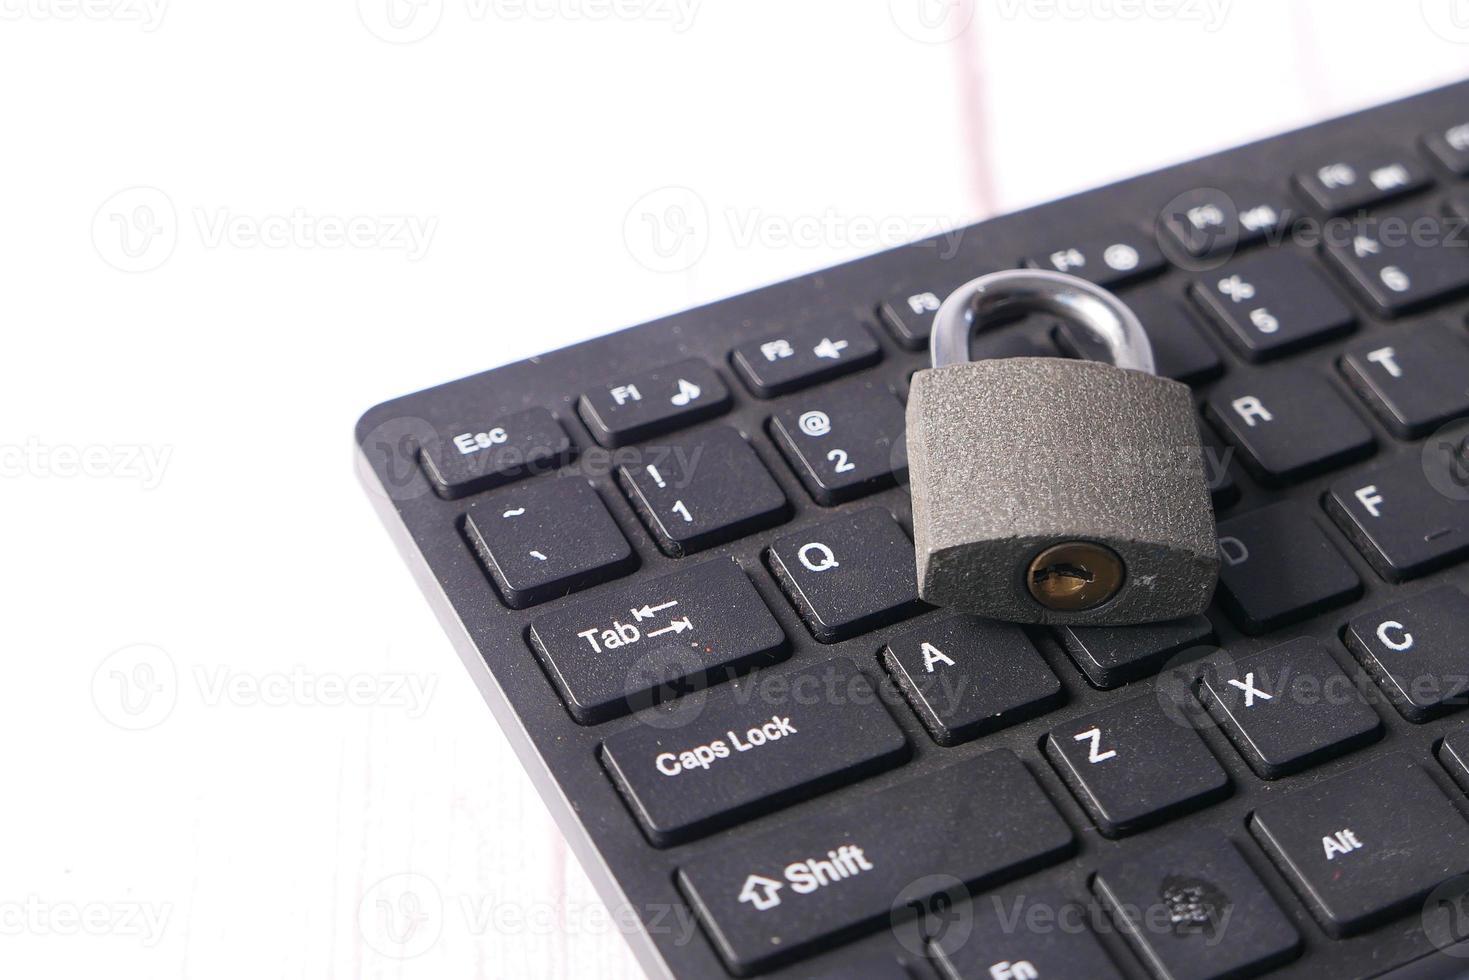 cadenas sur le clavier de l'ordinateur photo